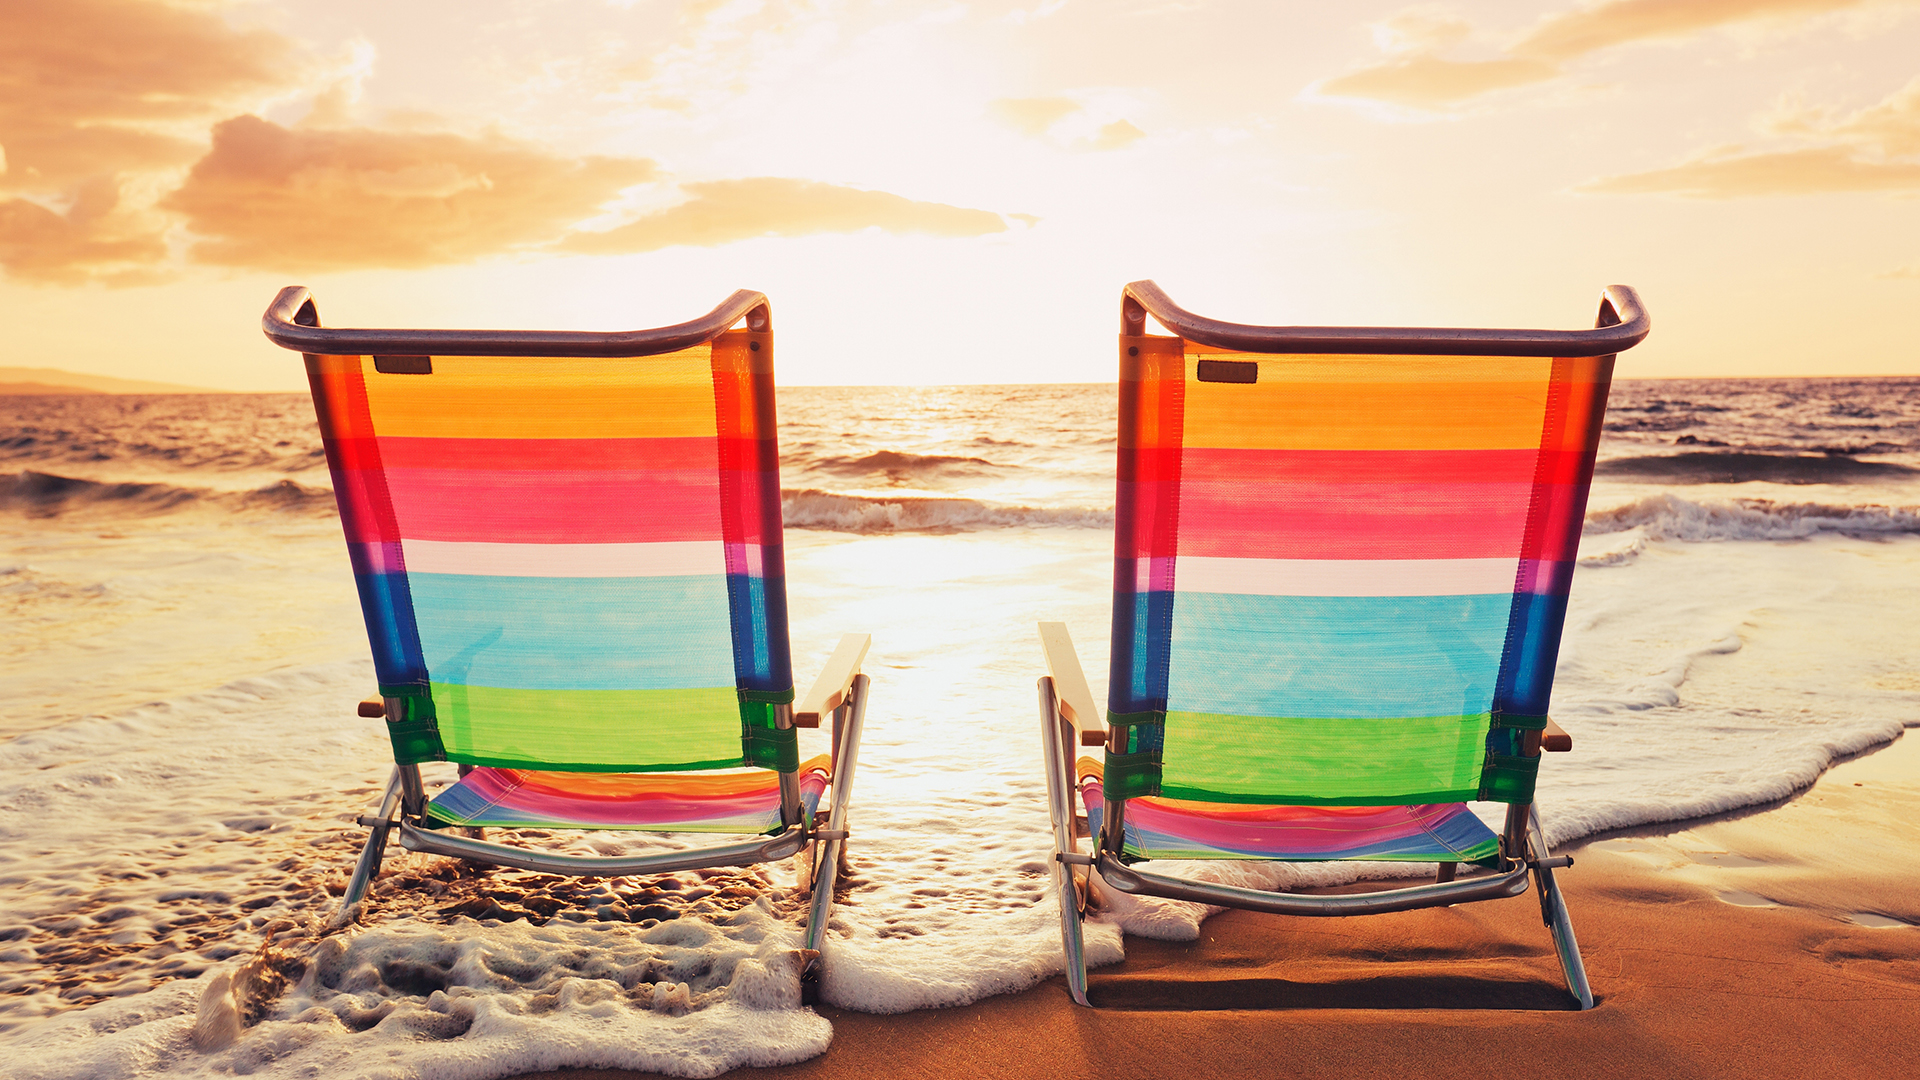 Где отдохнуть на море в марте 2020 недорого: 18 пляжных мест